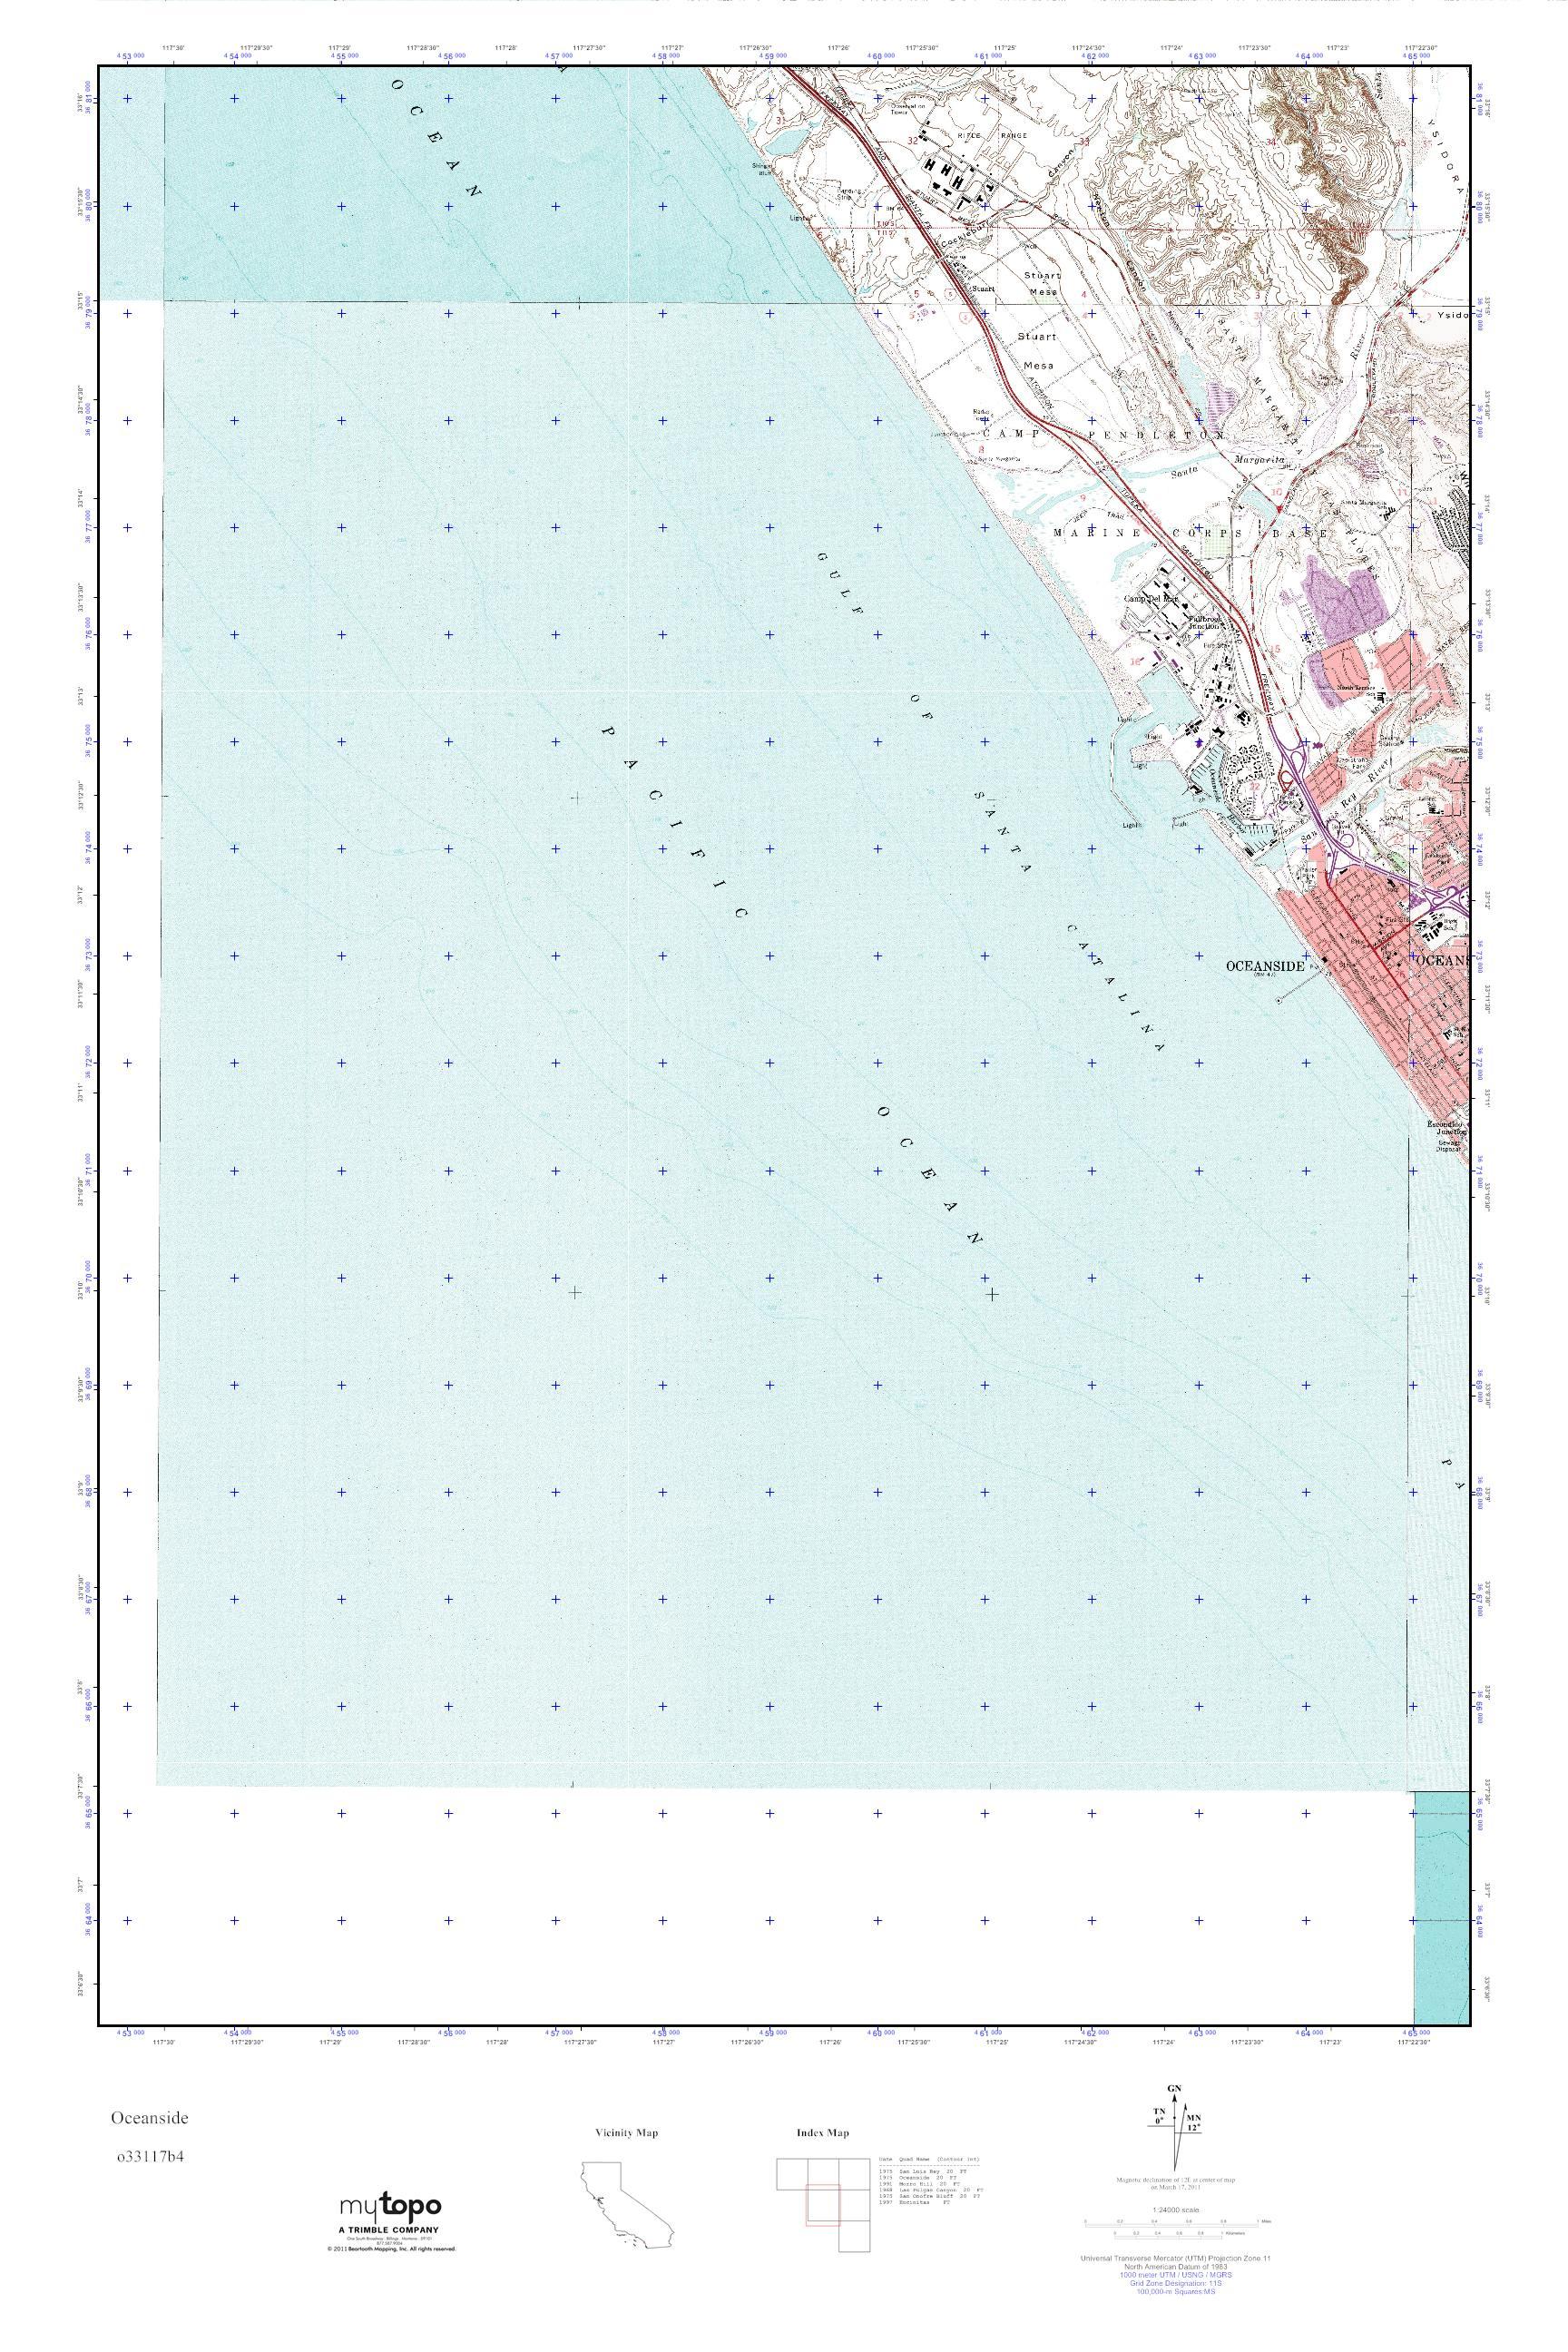 MyTopo Oceanside California USGS Quad Topo Map